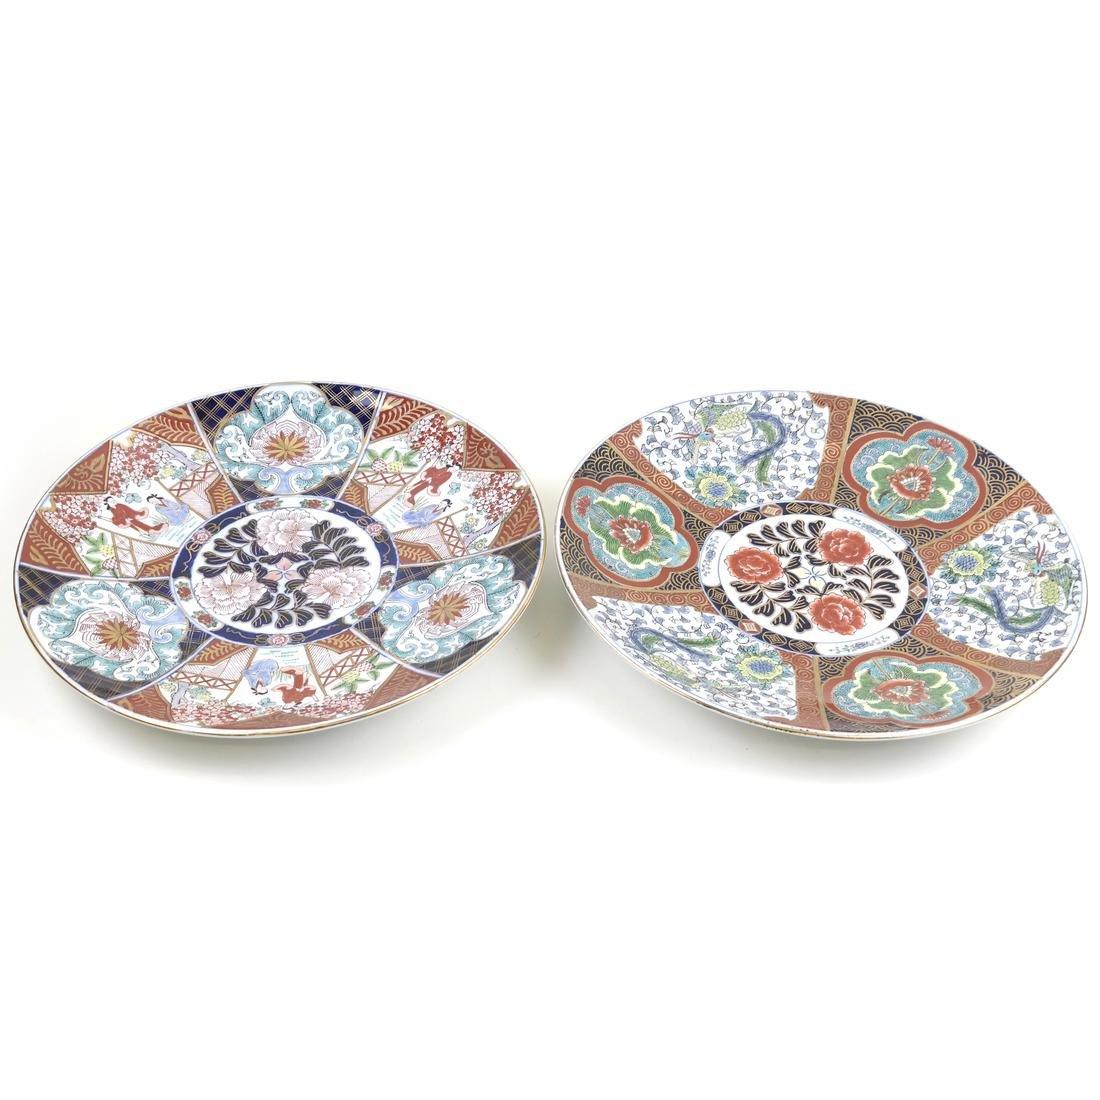 Pair of Imari Porcelain Chargers